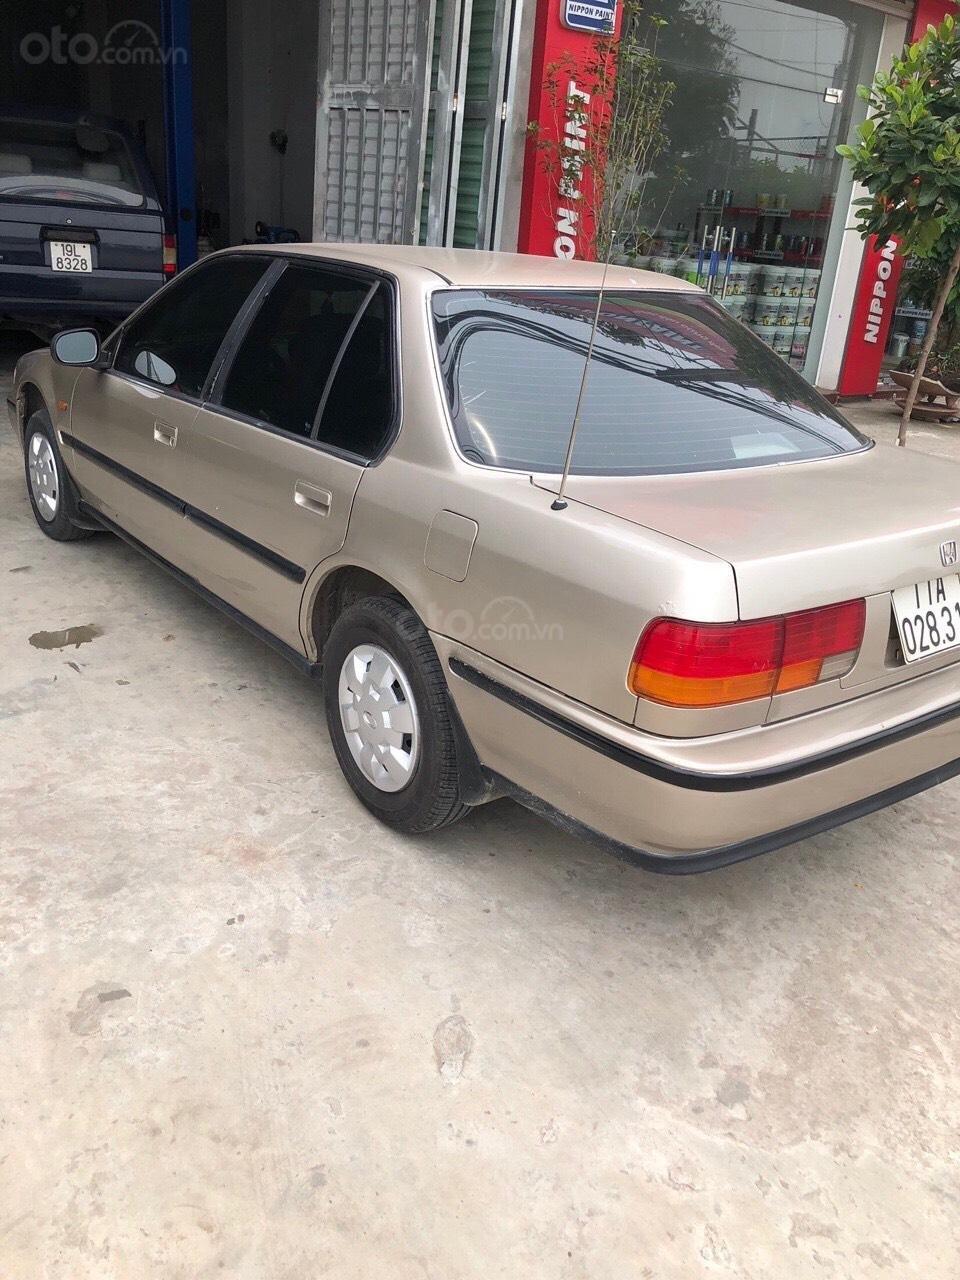 Bán xe Honda Accord LX sản xuất 1988, màu kem (be), nhập khẩu (5)